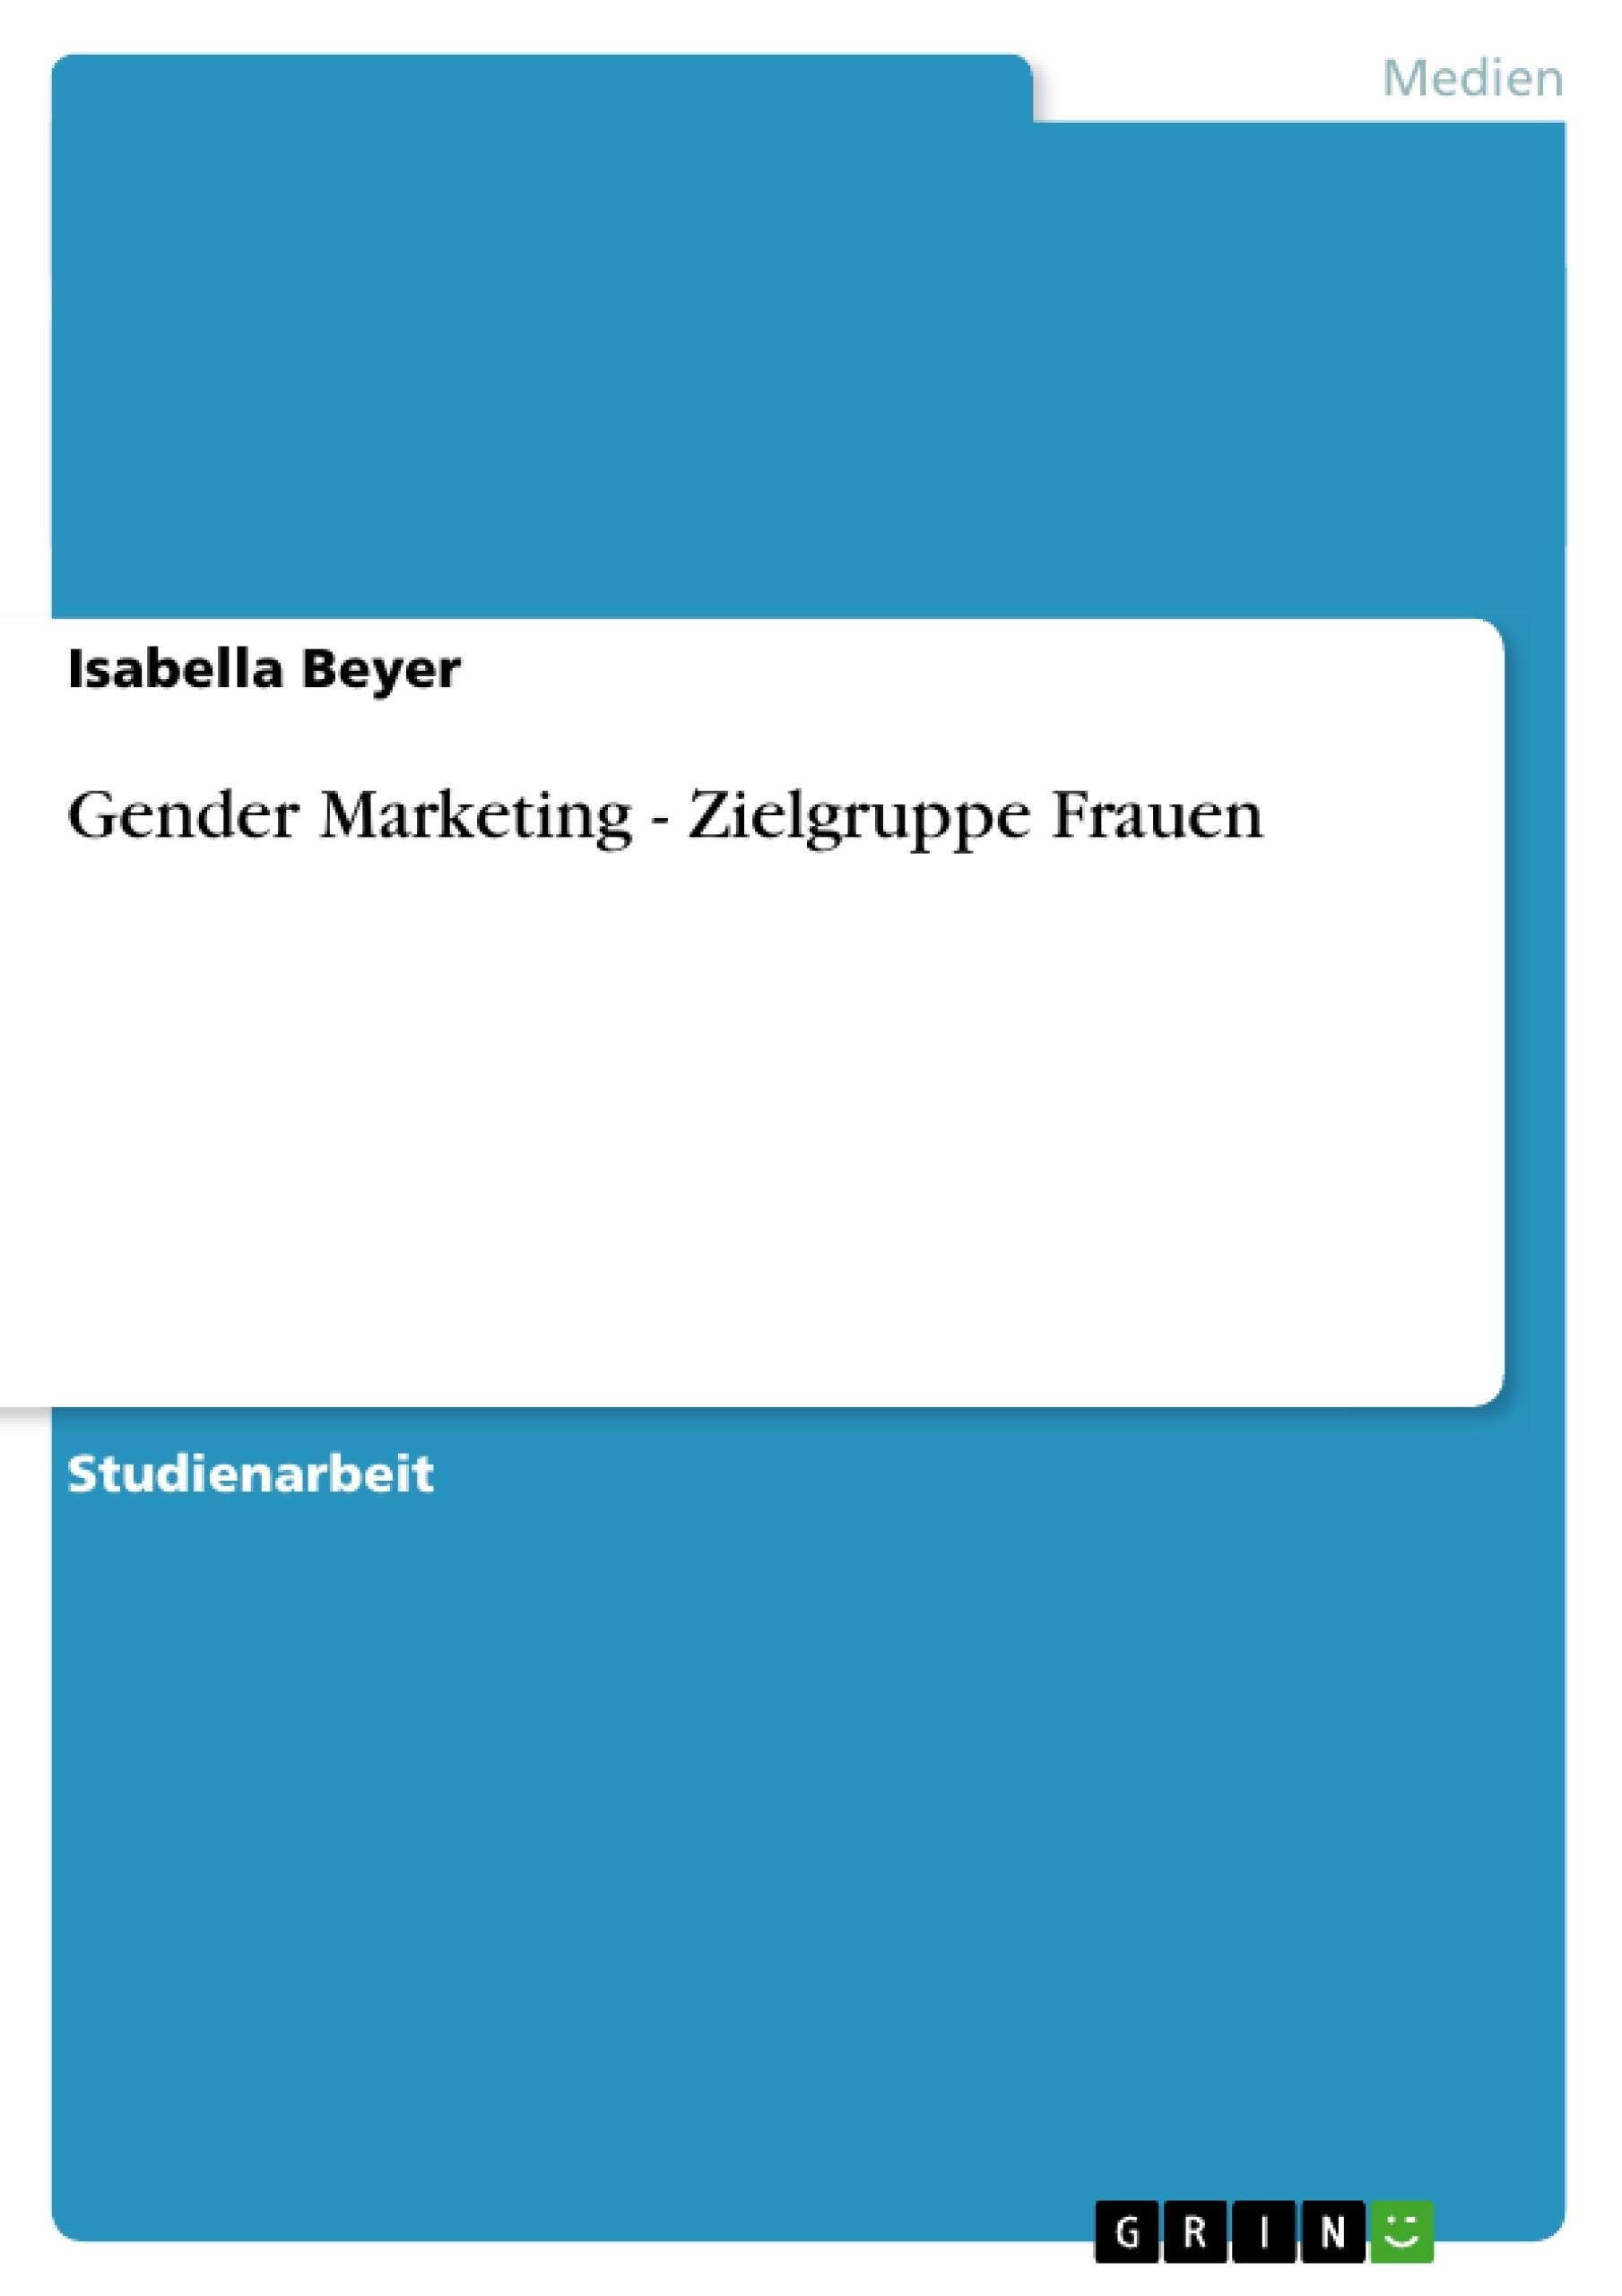 Titel: Gender Marketing - Zielgruppe Frauen